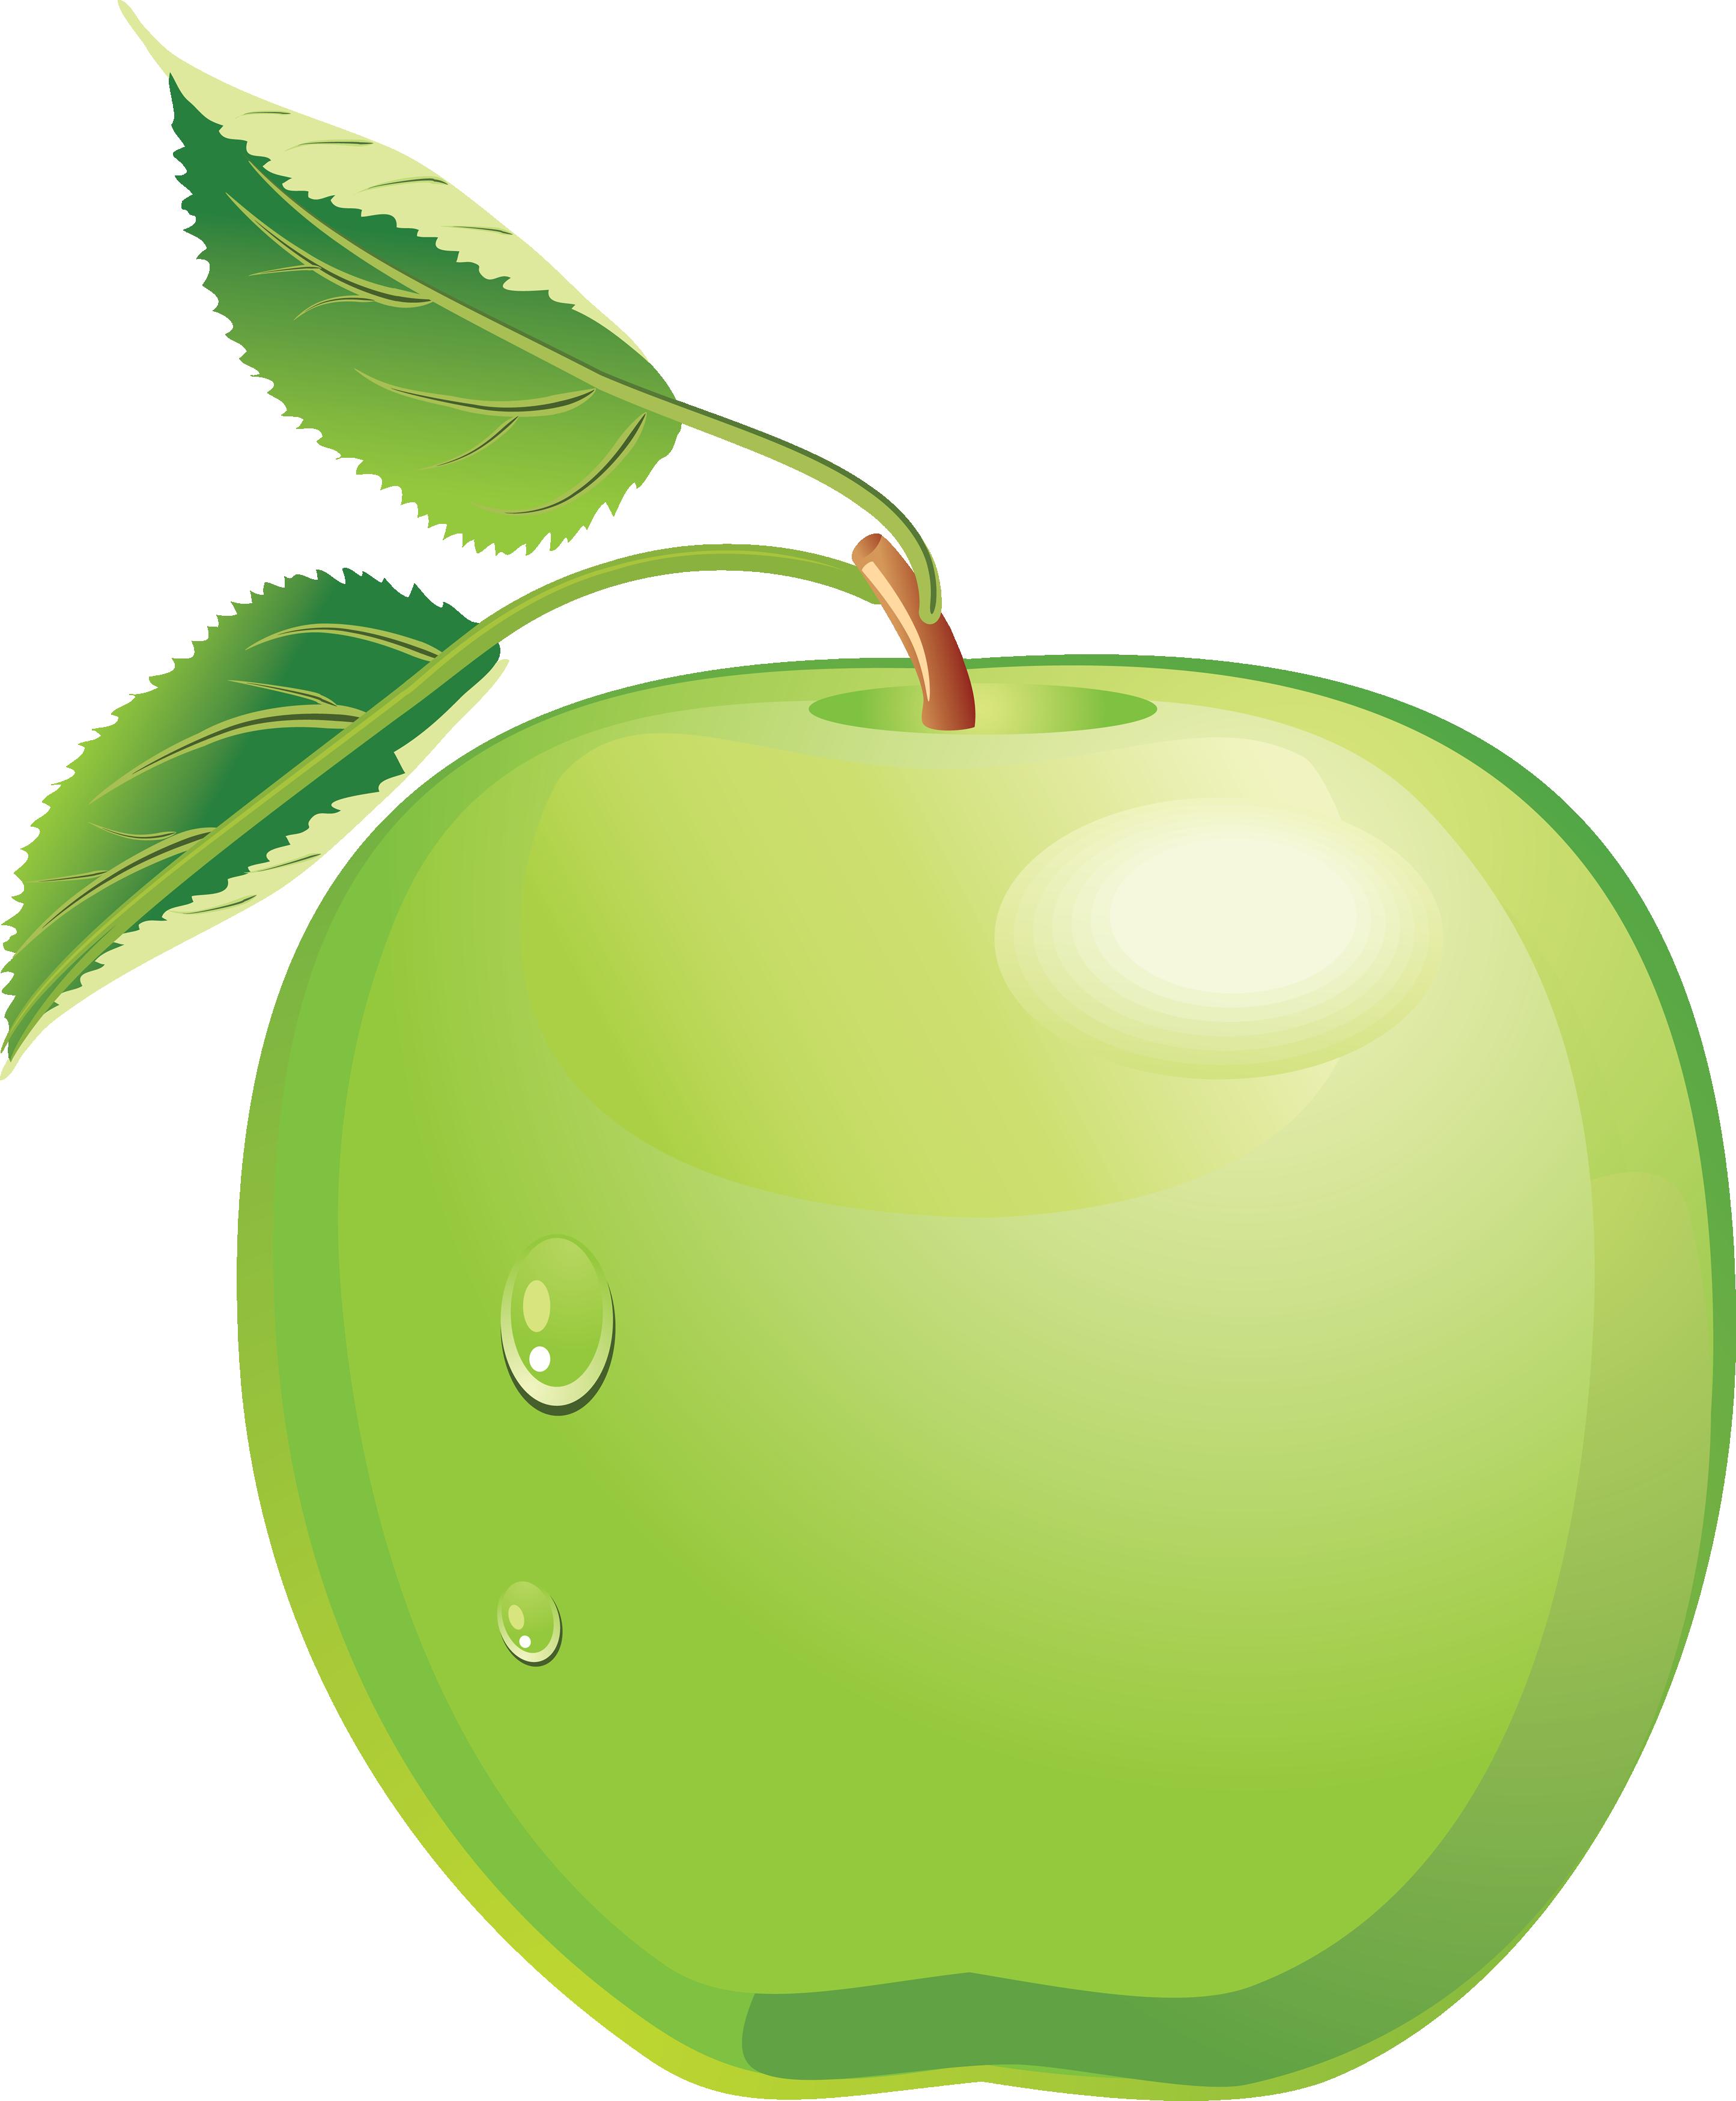 Apple flat clipart clip art download Green Apple Clipart - Free Clip Art - Clipart Bay - Hanslodge Cliparts clip art download